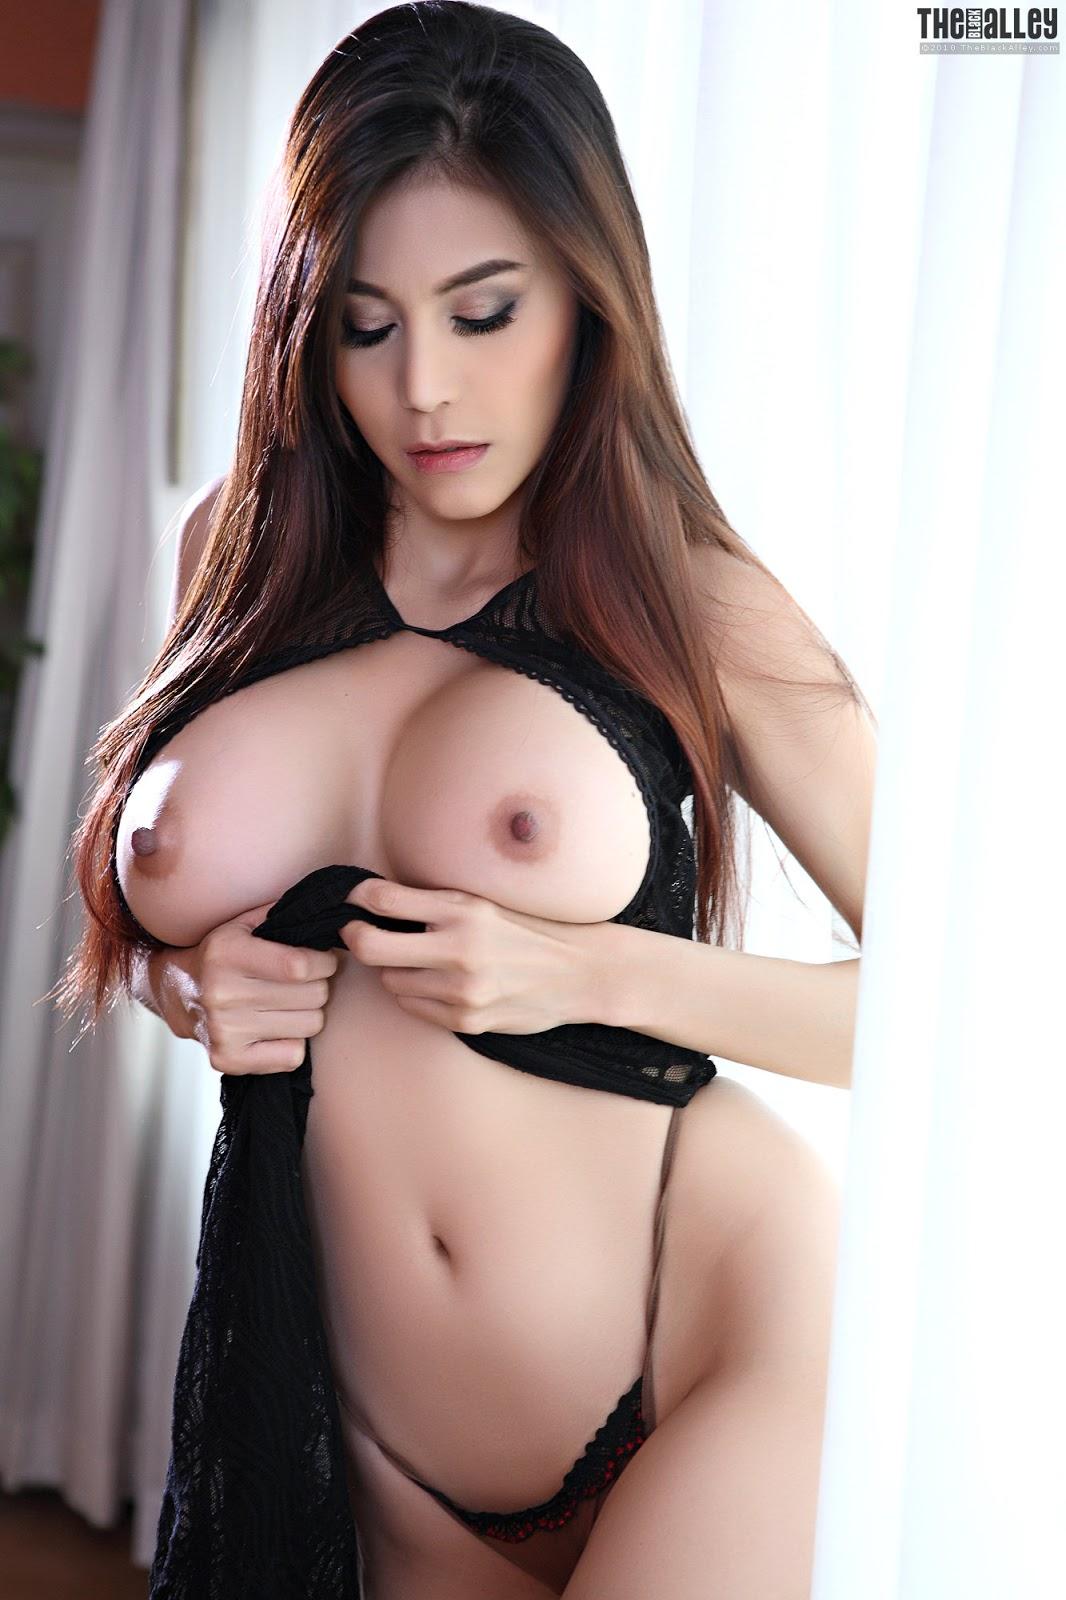 Natalie Dormer Nude Hot Sex Outdoor